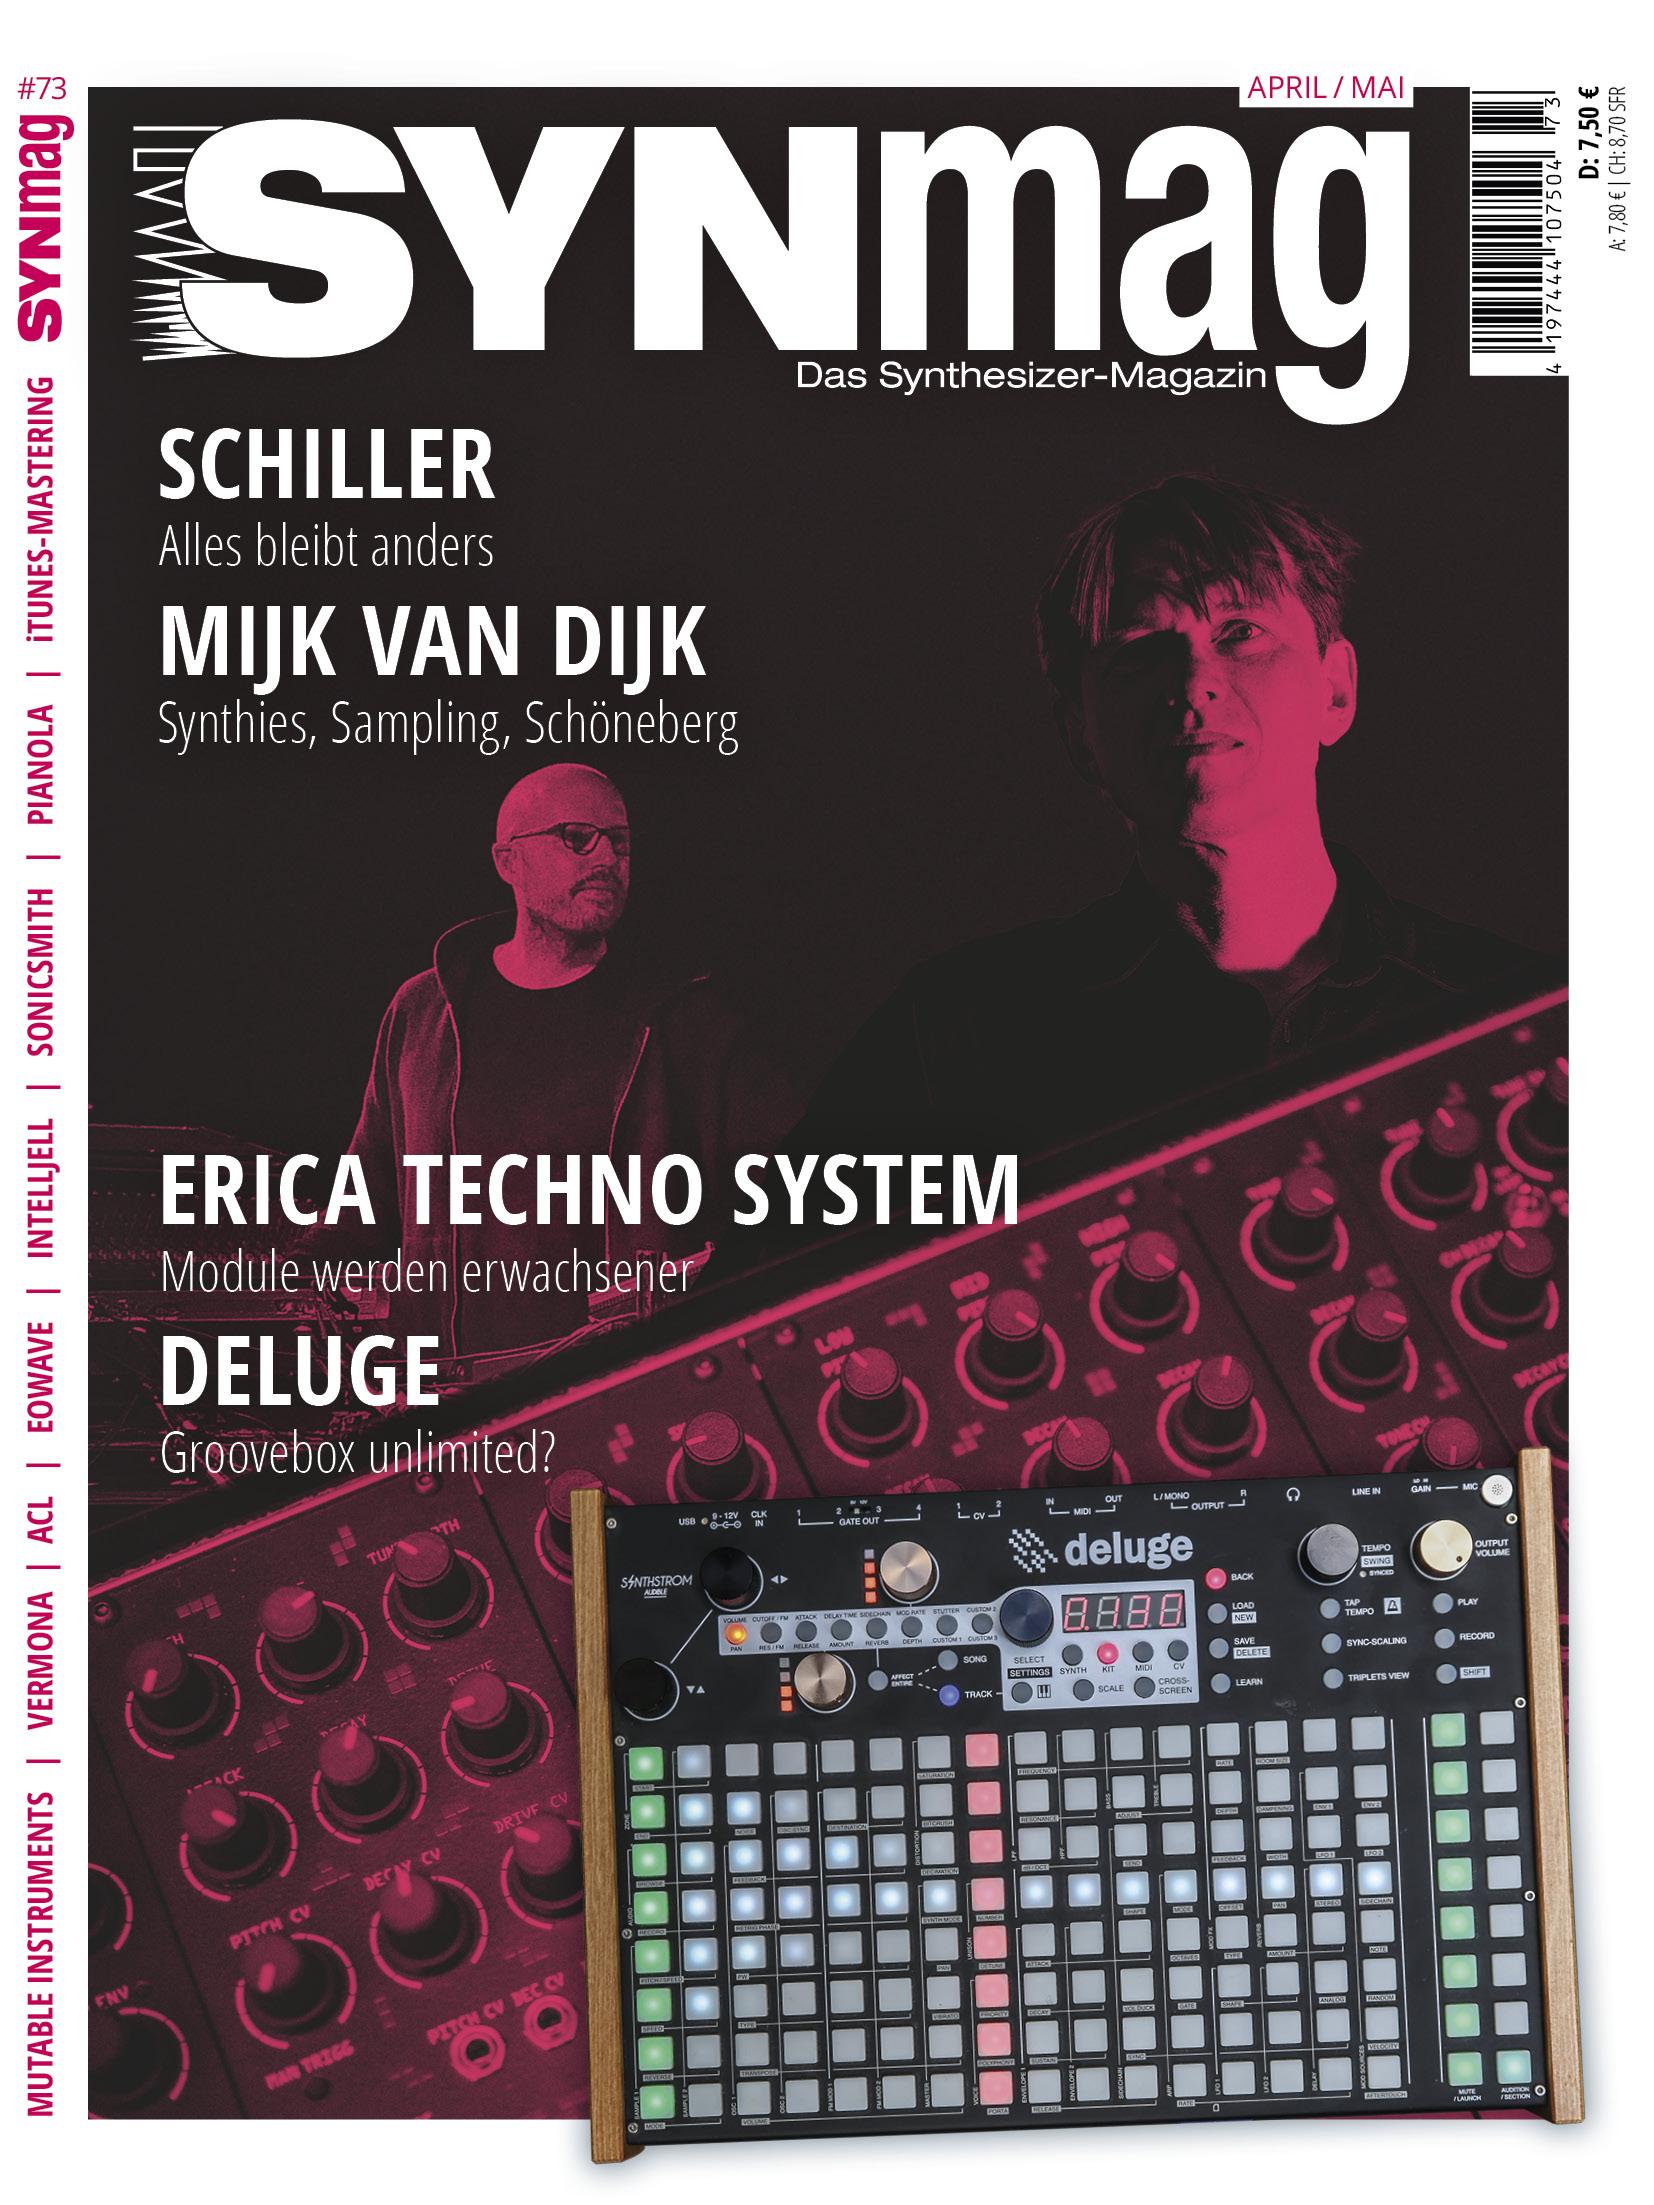 SynMag 73 Das Synthesizer-Magazin